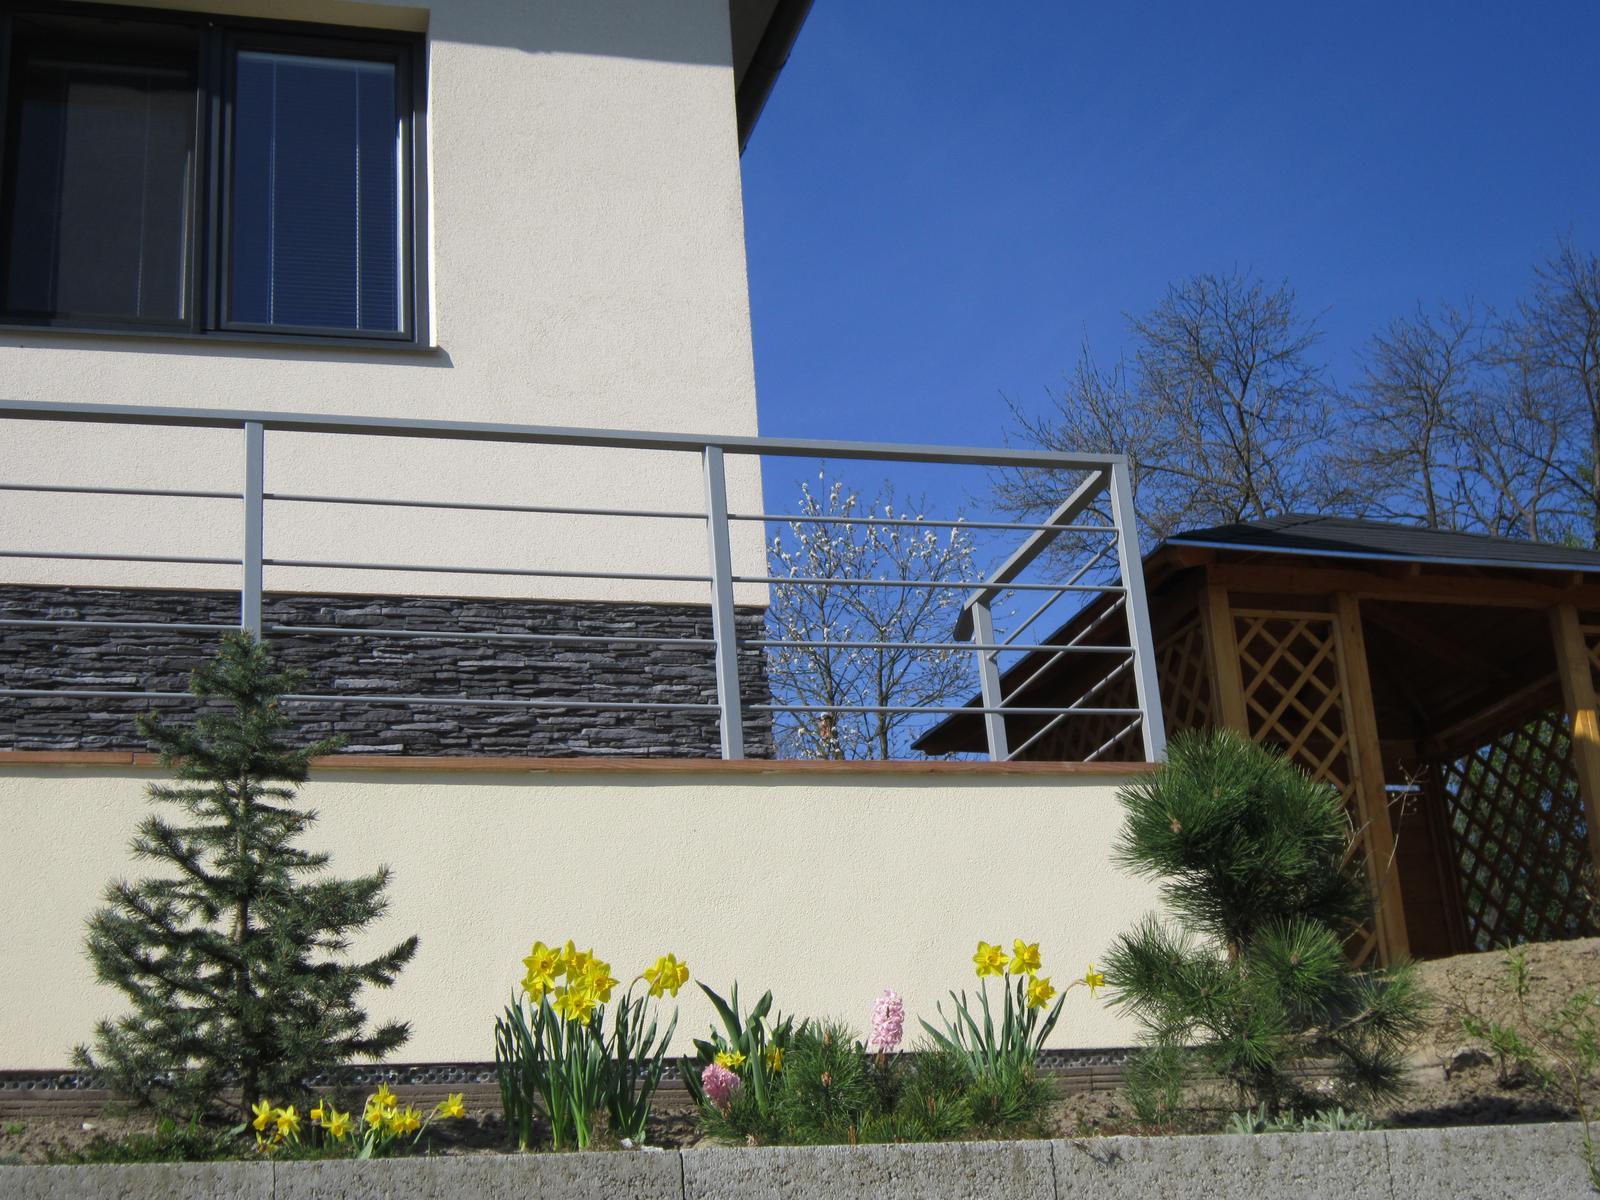 Moja záhrada...ako šiel čas - manžel mi robí radosť a stavia mi altánok...teším sa...